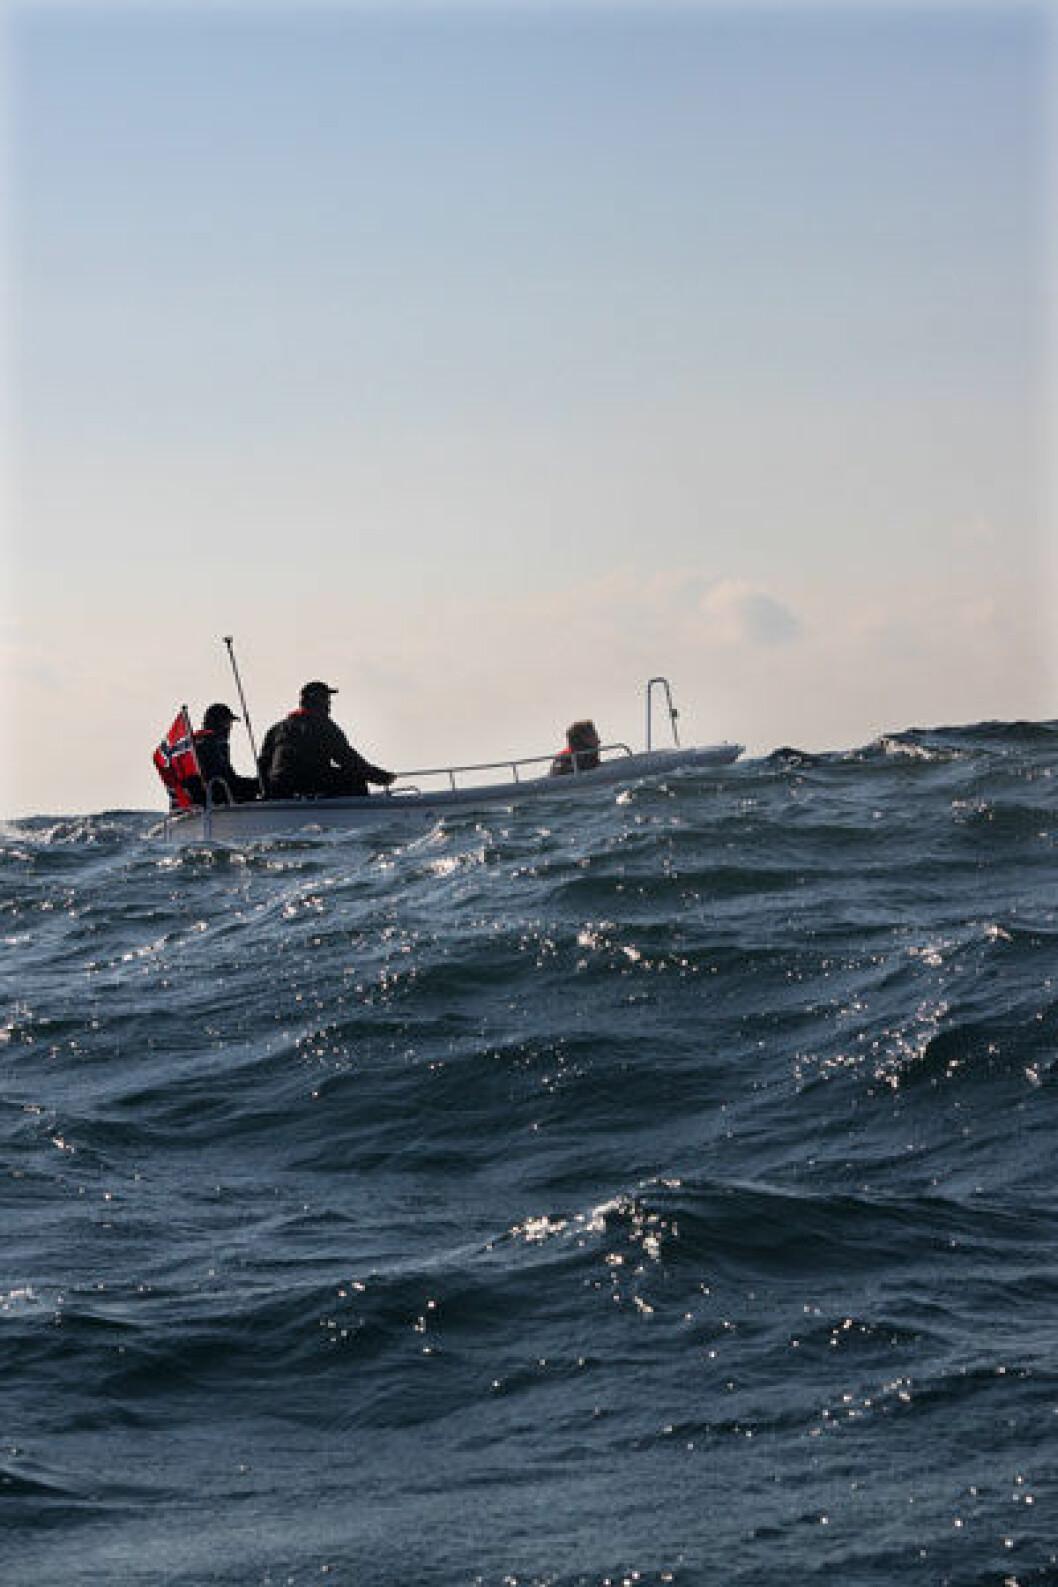 BÅTFØRERPRØVEN: Mindre andel av båtførerne har kompetanse innen båtlivet, en nedgang fra 2011, ifølge båtlivundersøkelsen.